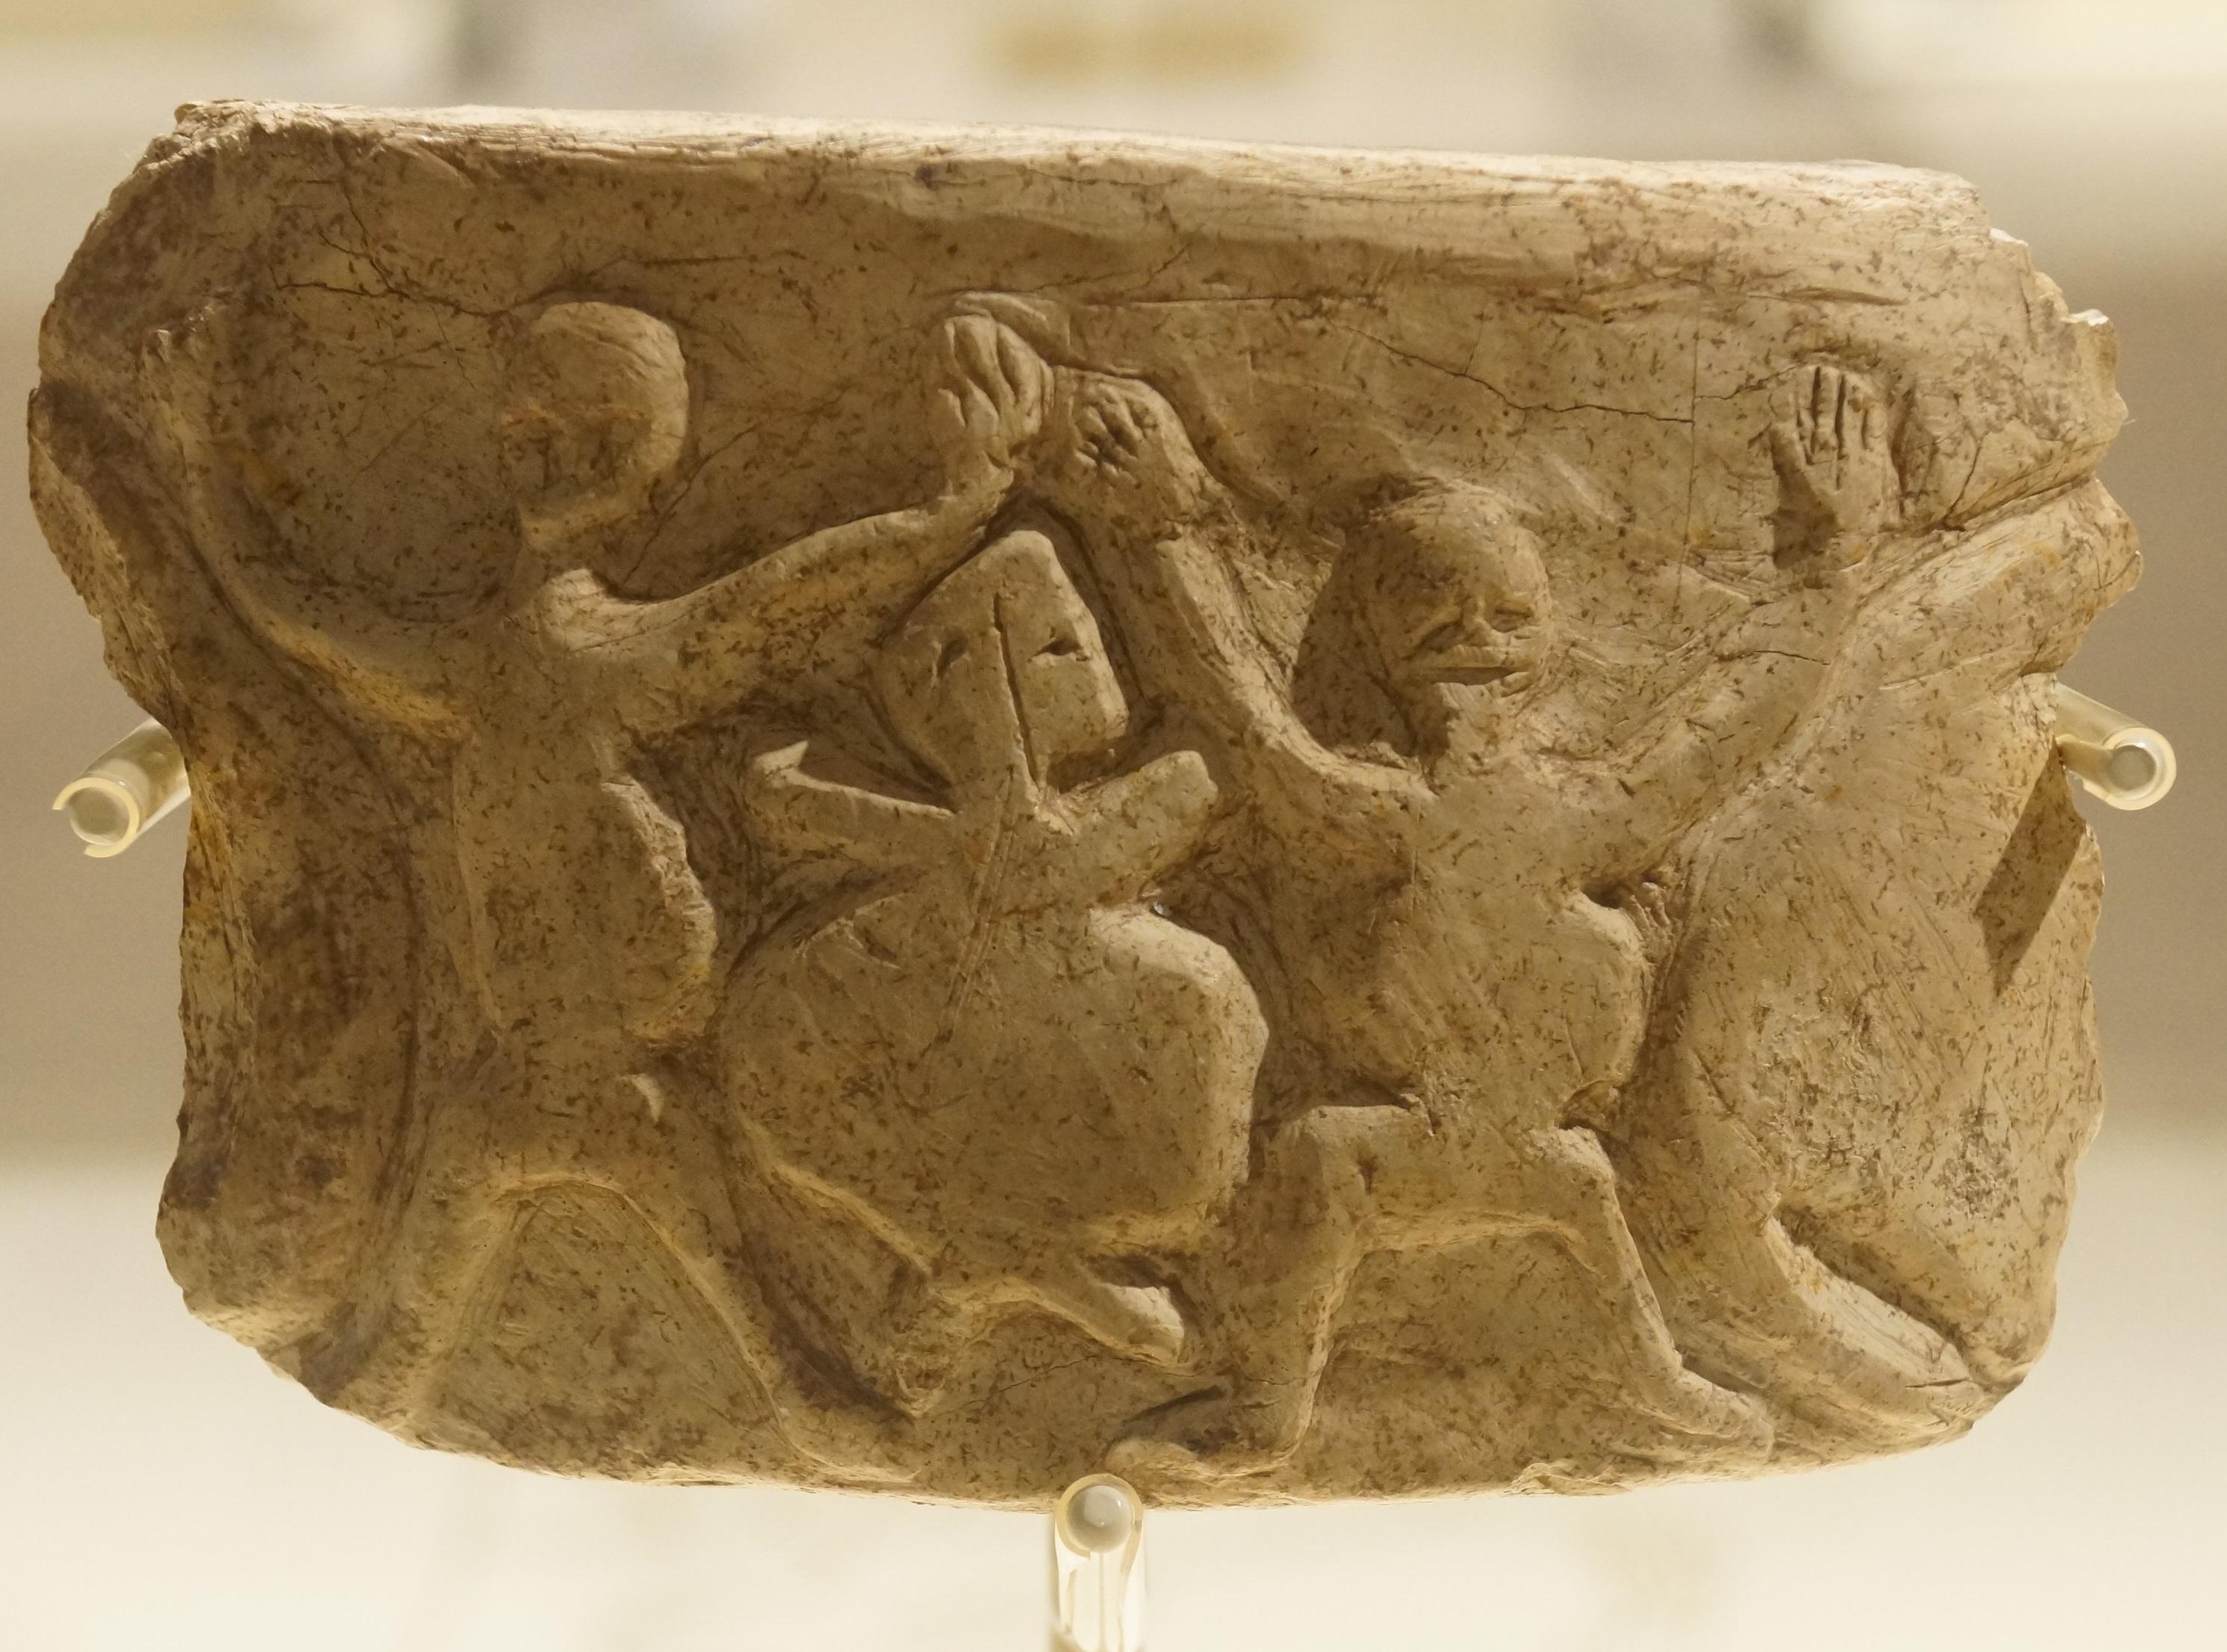 Kireç taşından bir kap, Nevali Çori, Şanlıurfa Müzesi, M.Ö. 8500-7900